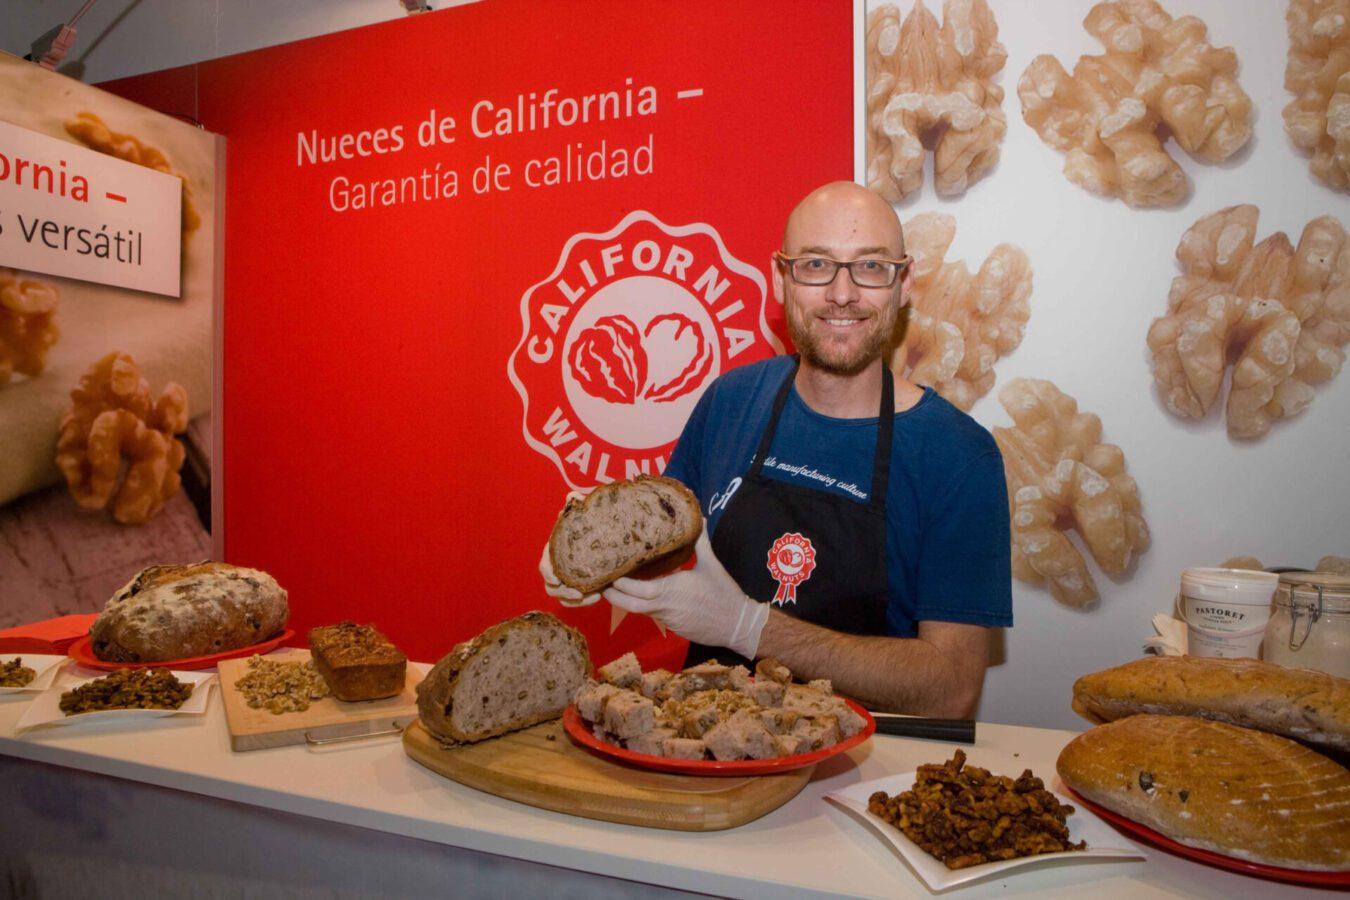 Nueces de California promueve la innovación en la industria de la panadería y la pastelería